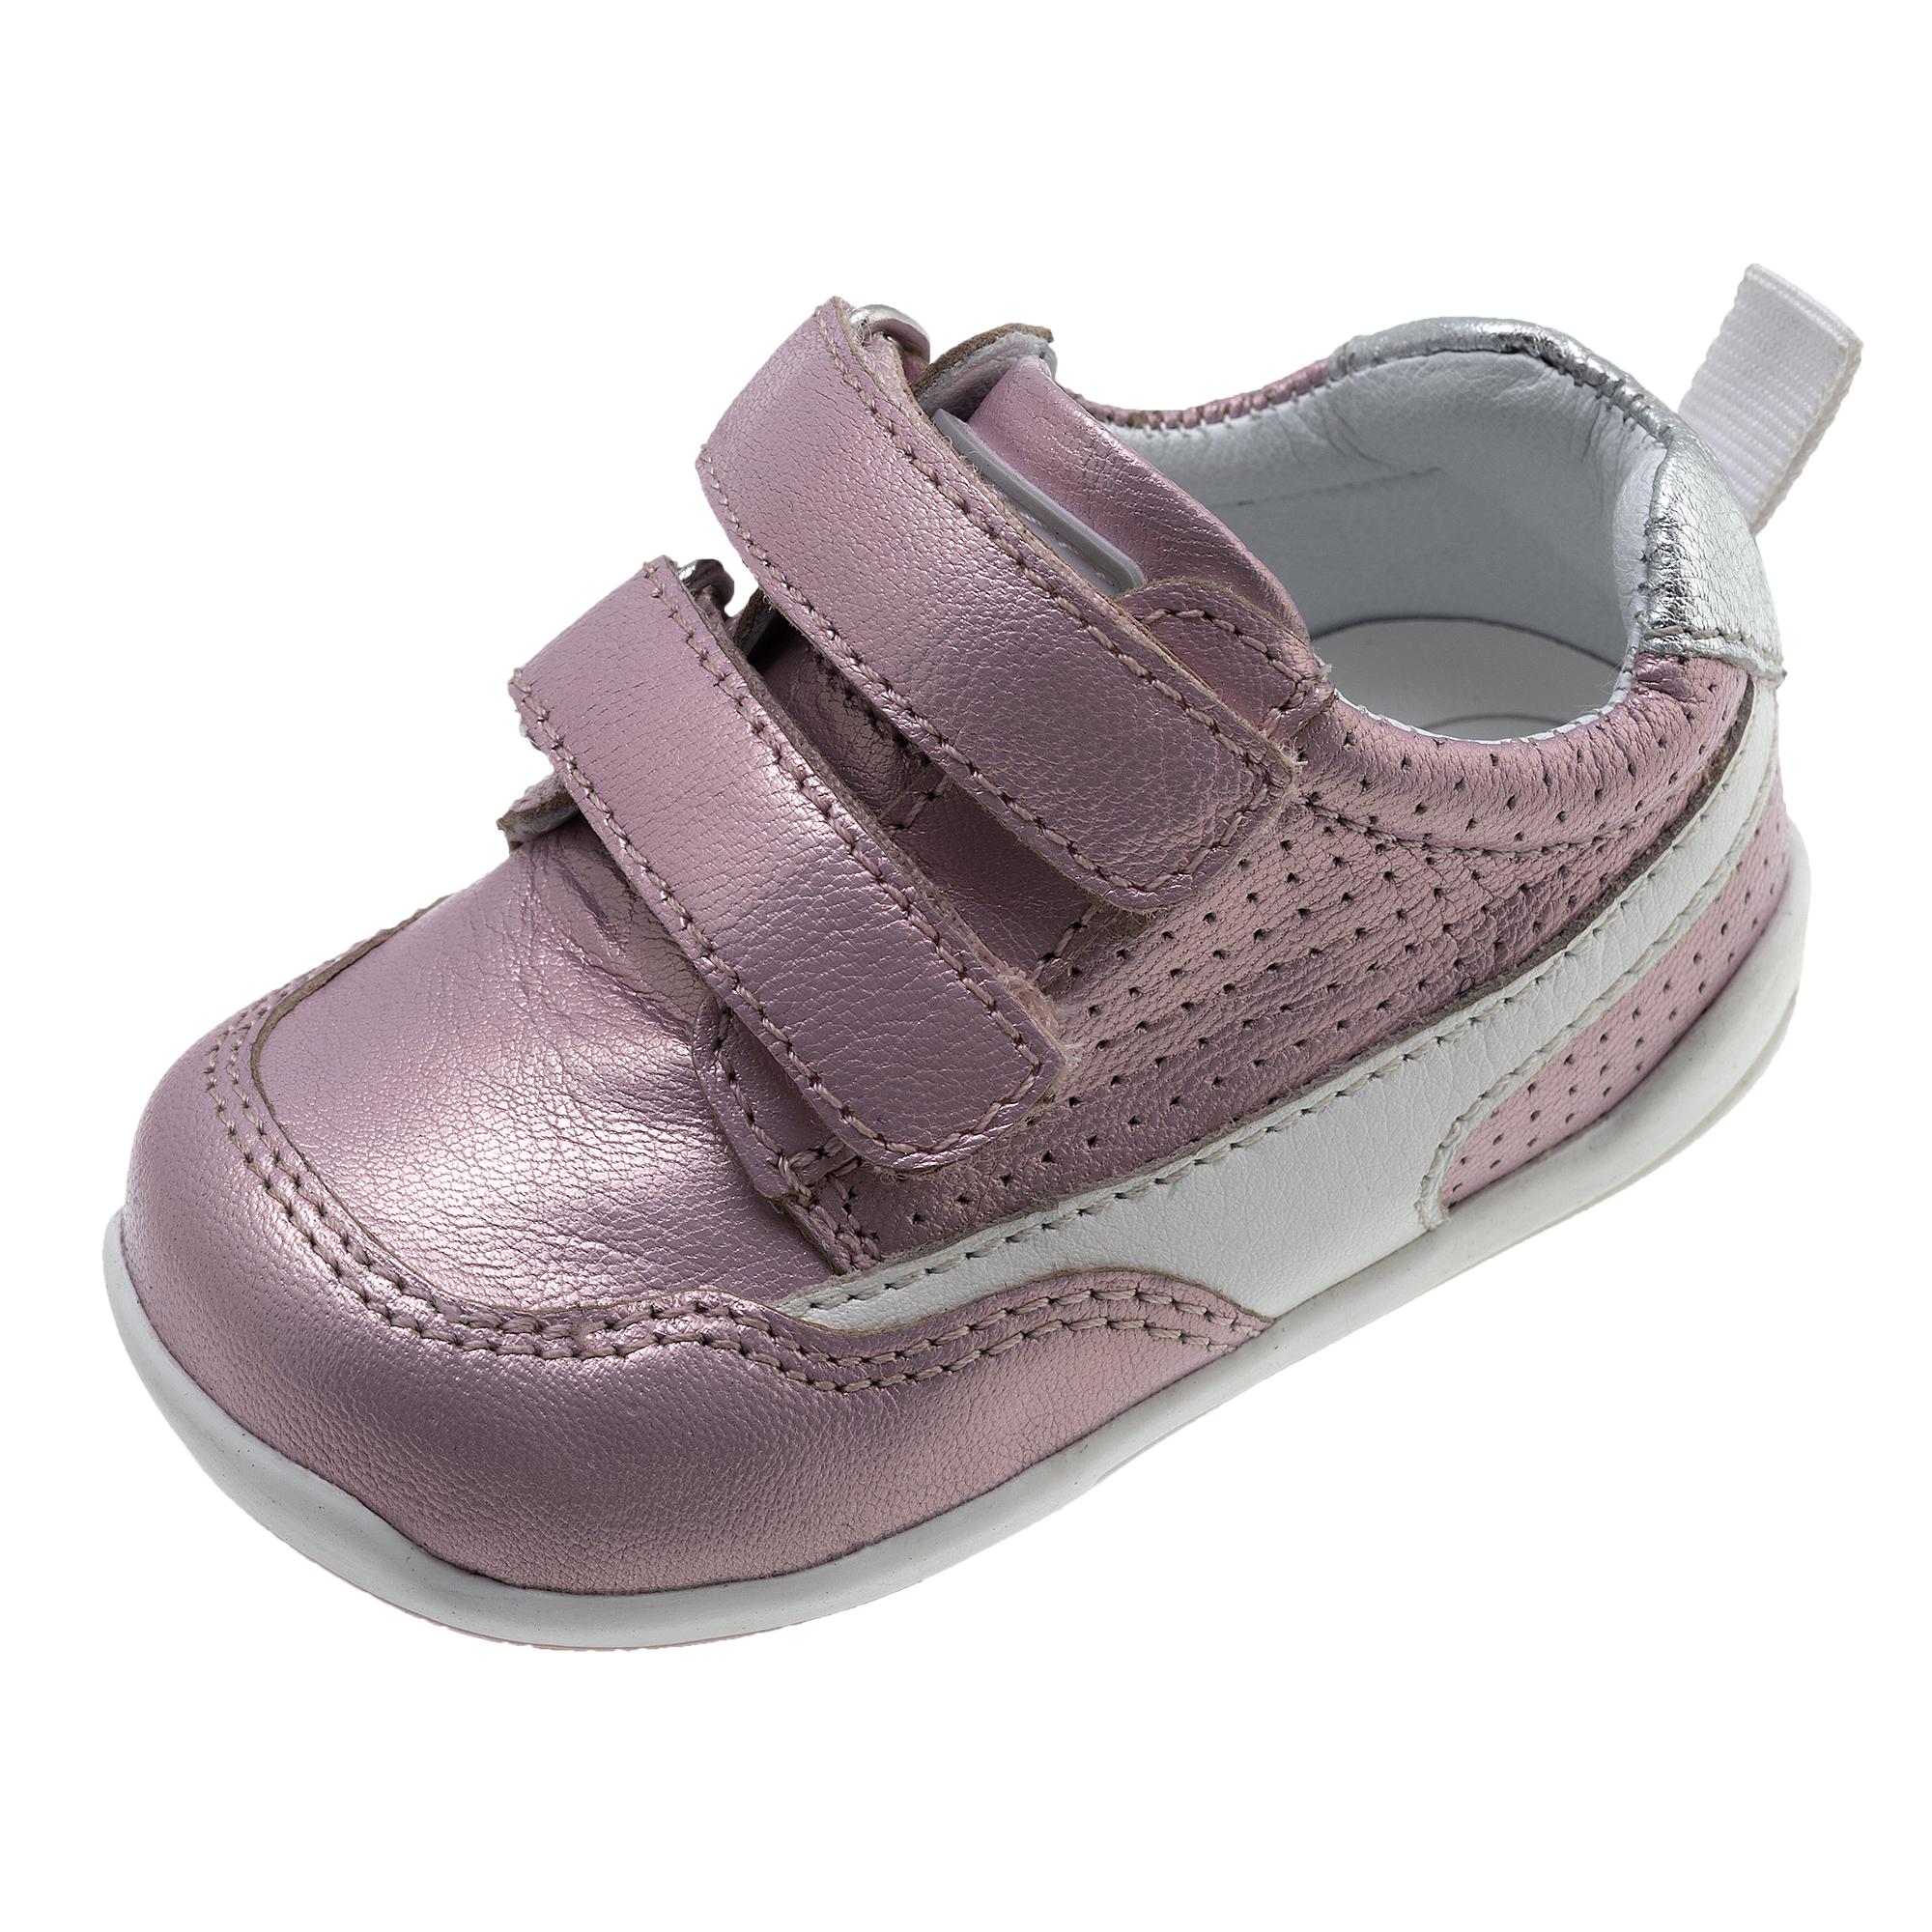 Adidasi Copii Chicco Garbo, Roz, 63452 imagine